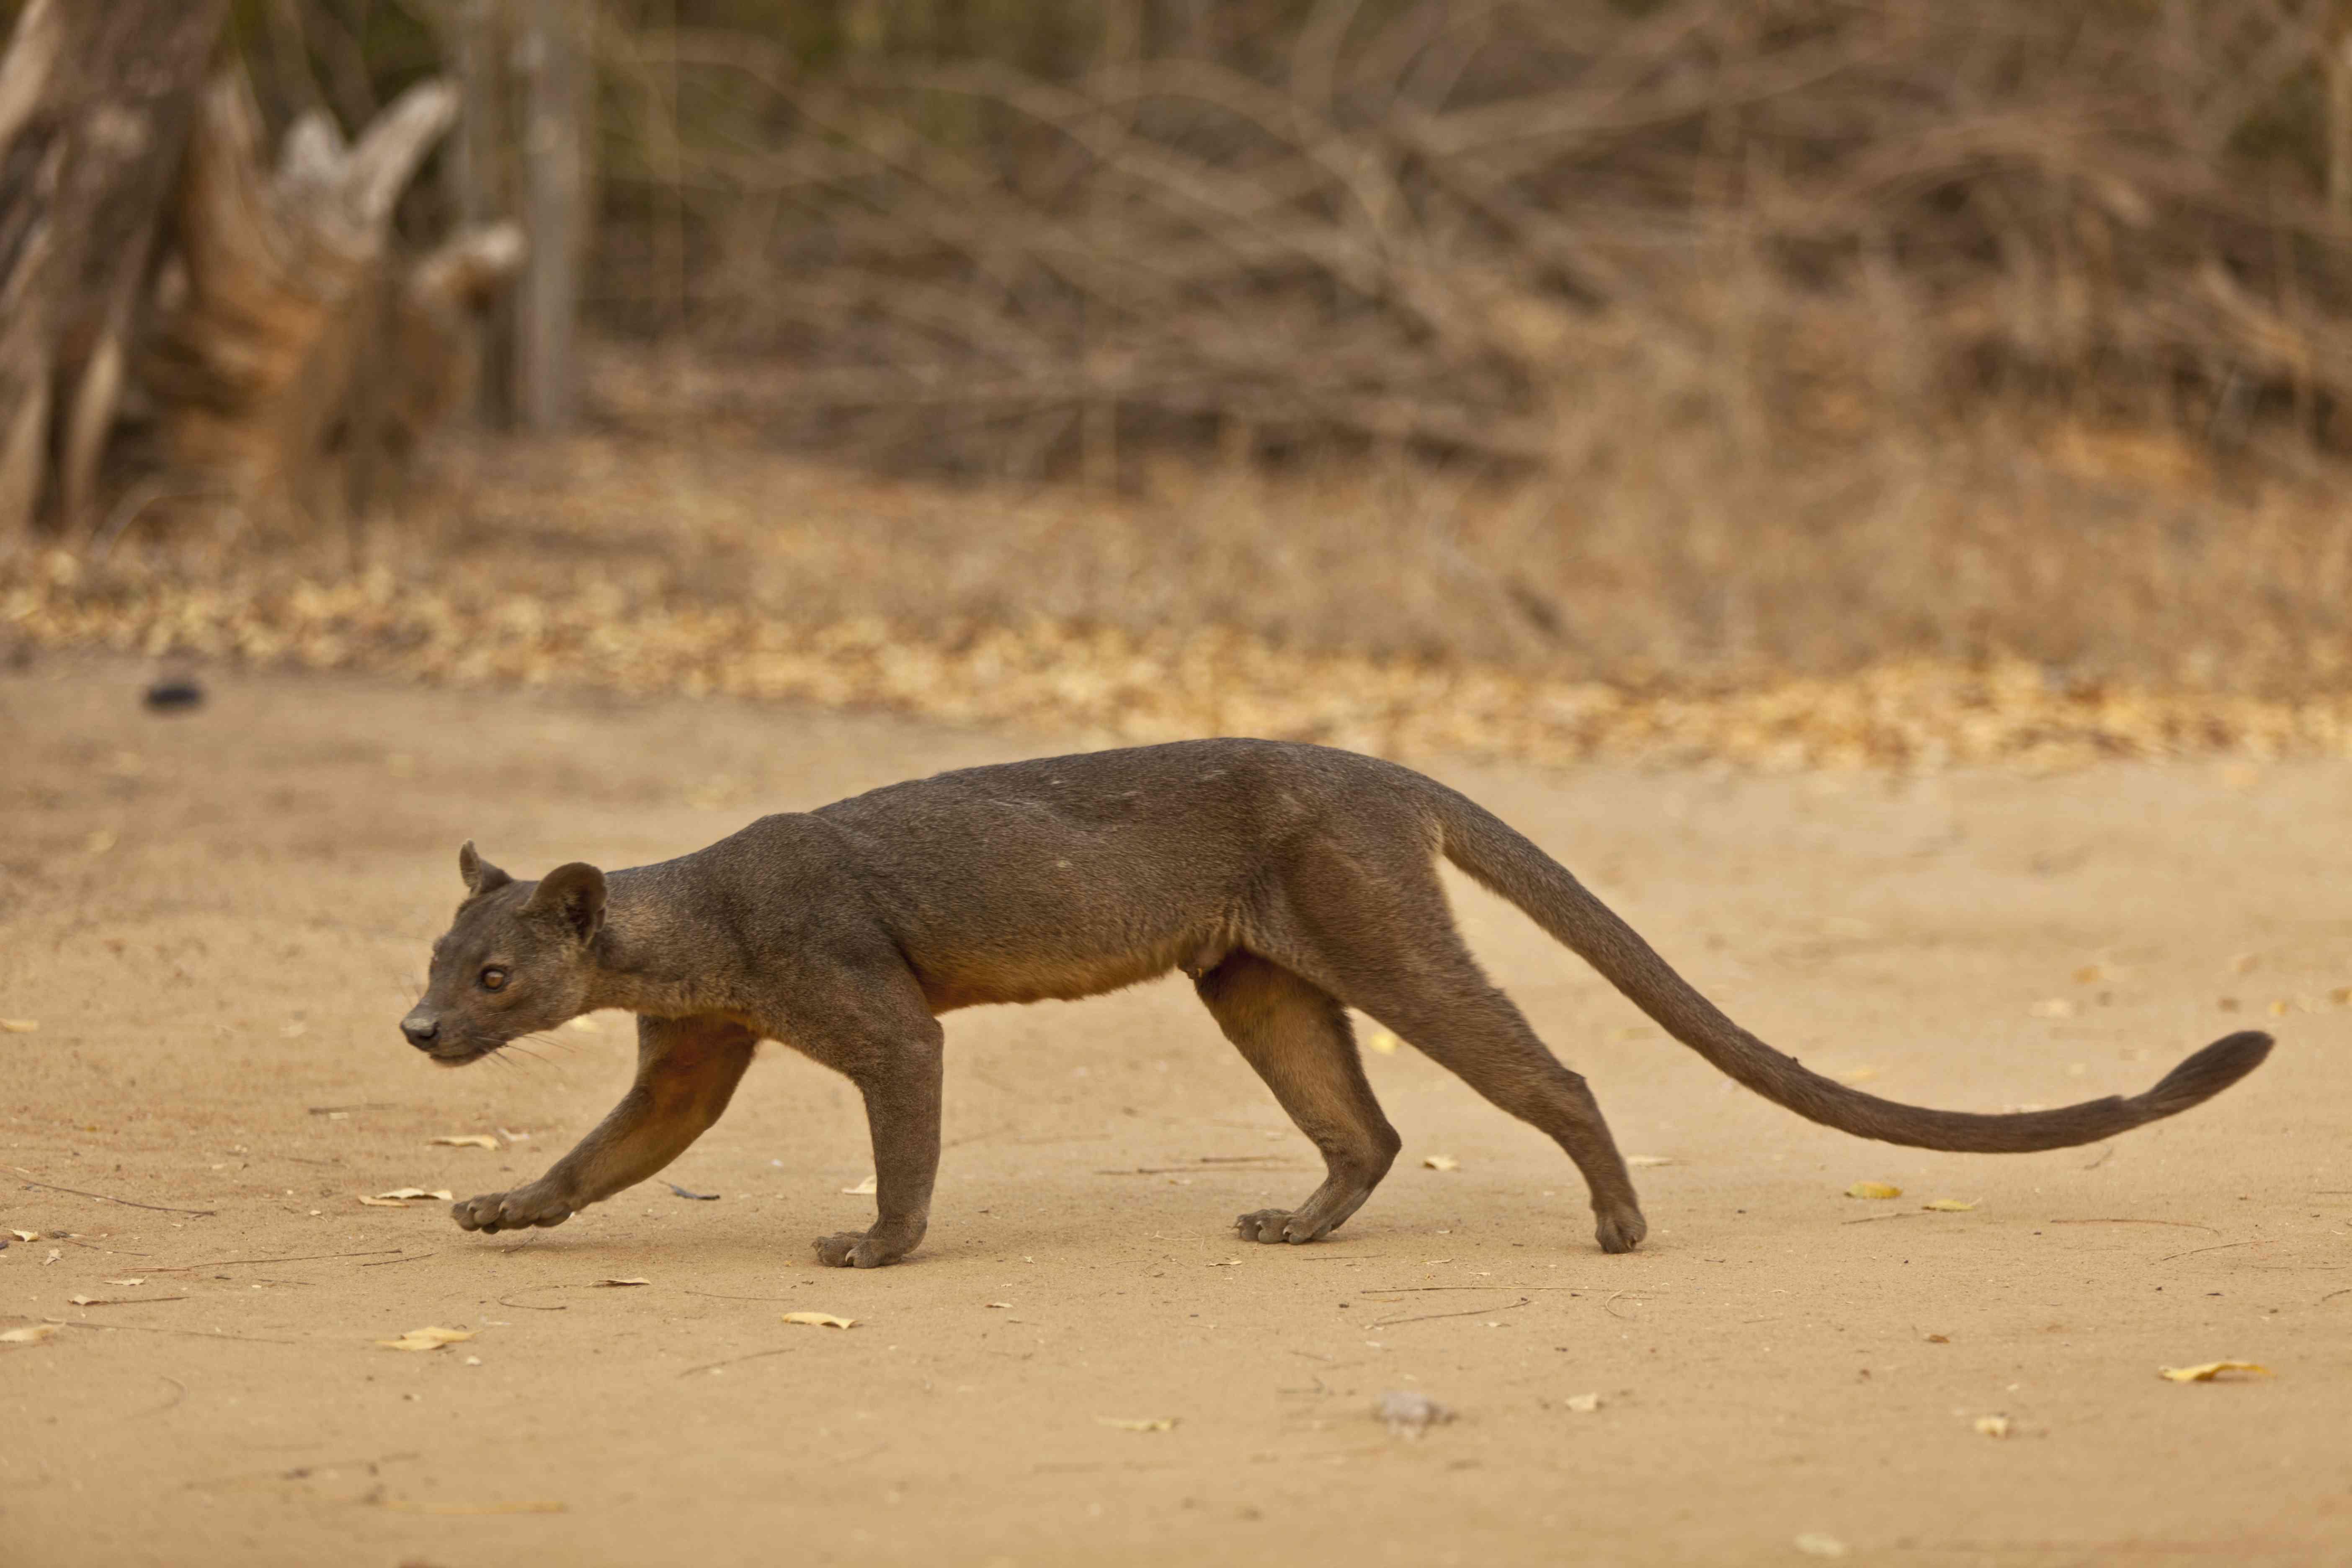 A fossa walks across a dirt clearing.